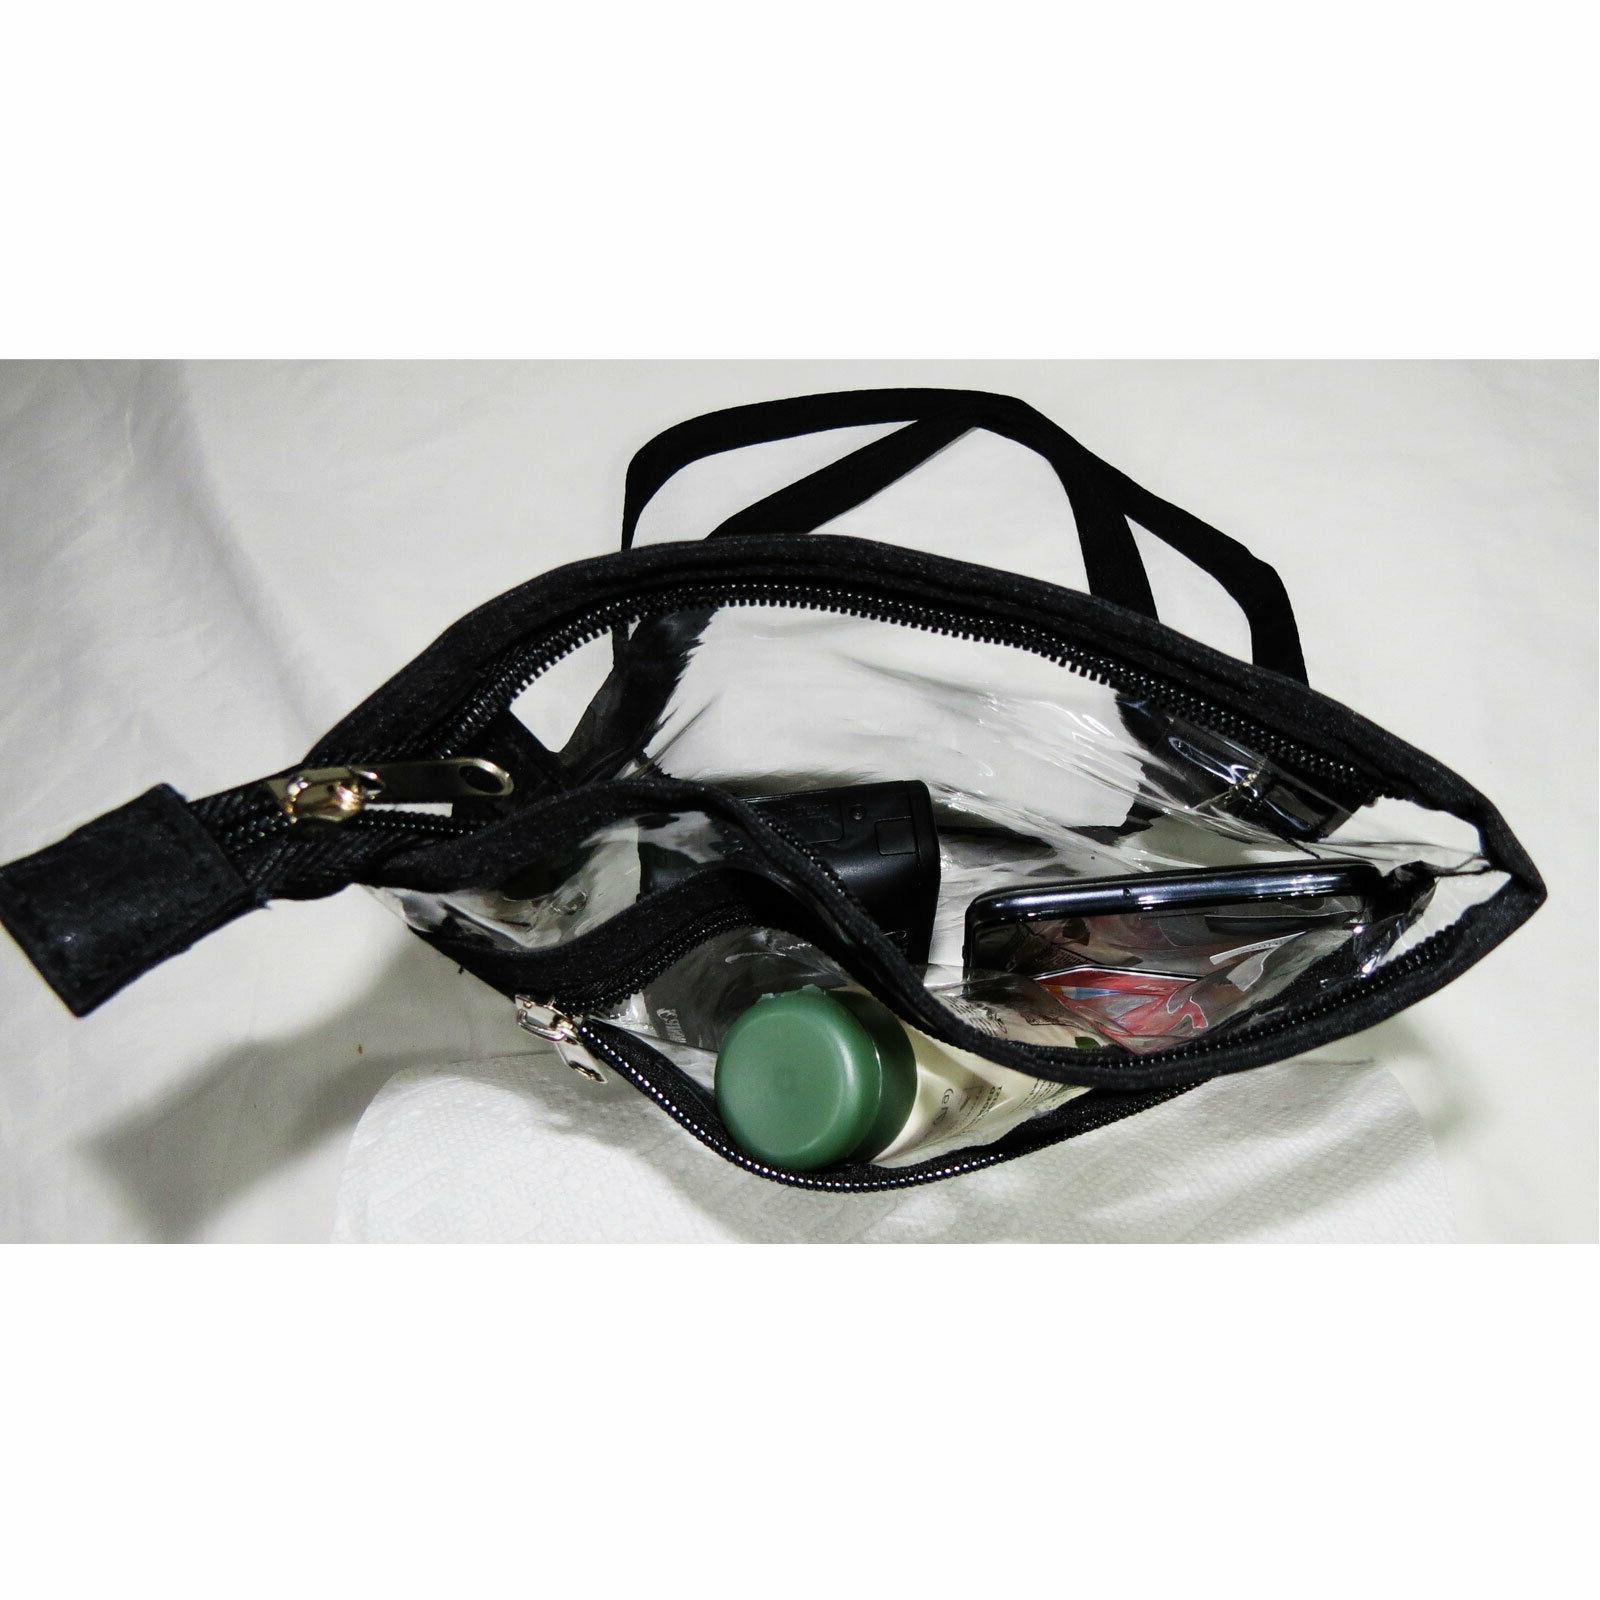 2 Shoulder Bag Approved NFL Transparent Purse